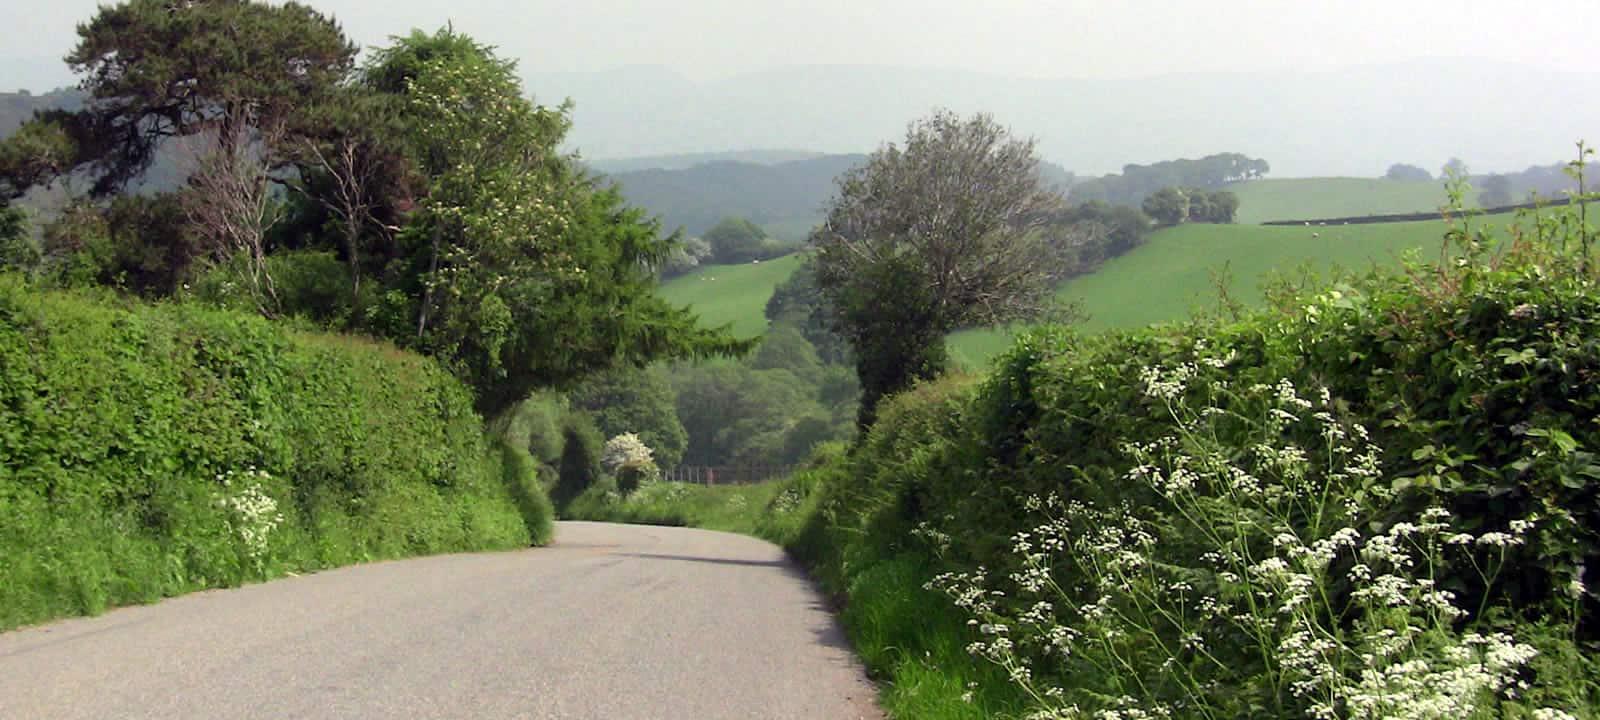 beautiful denbighshire countryside